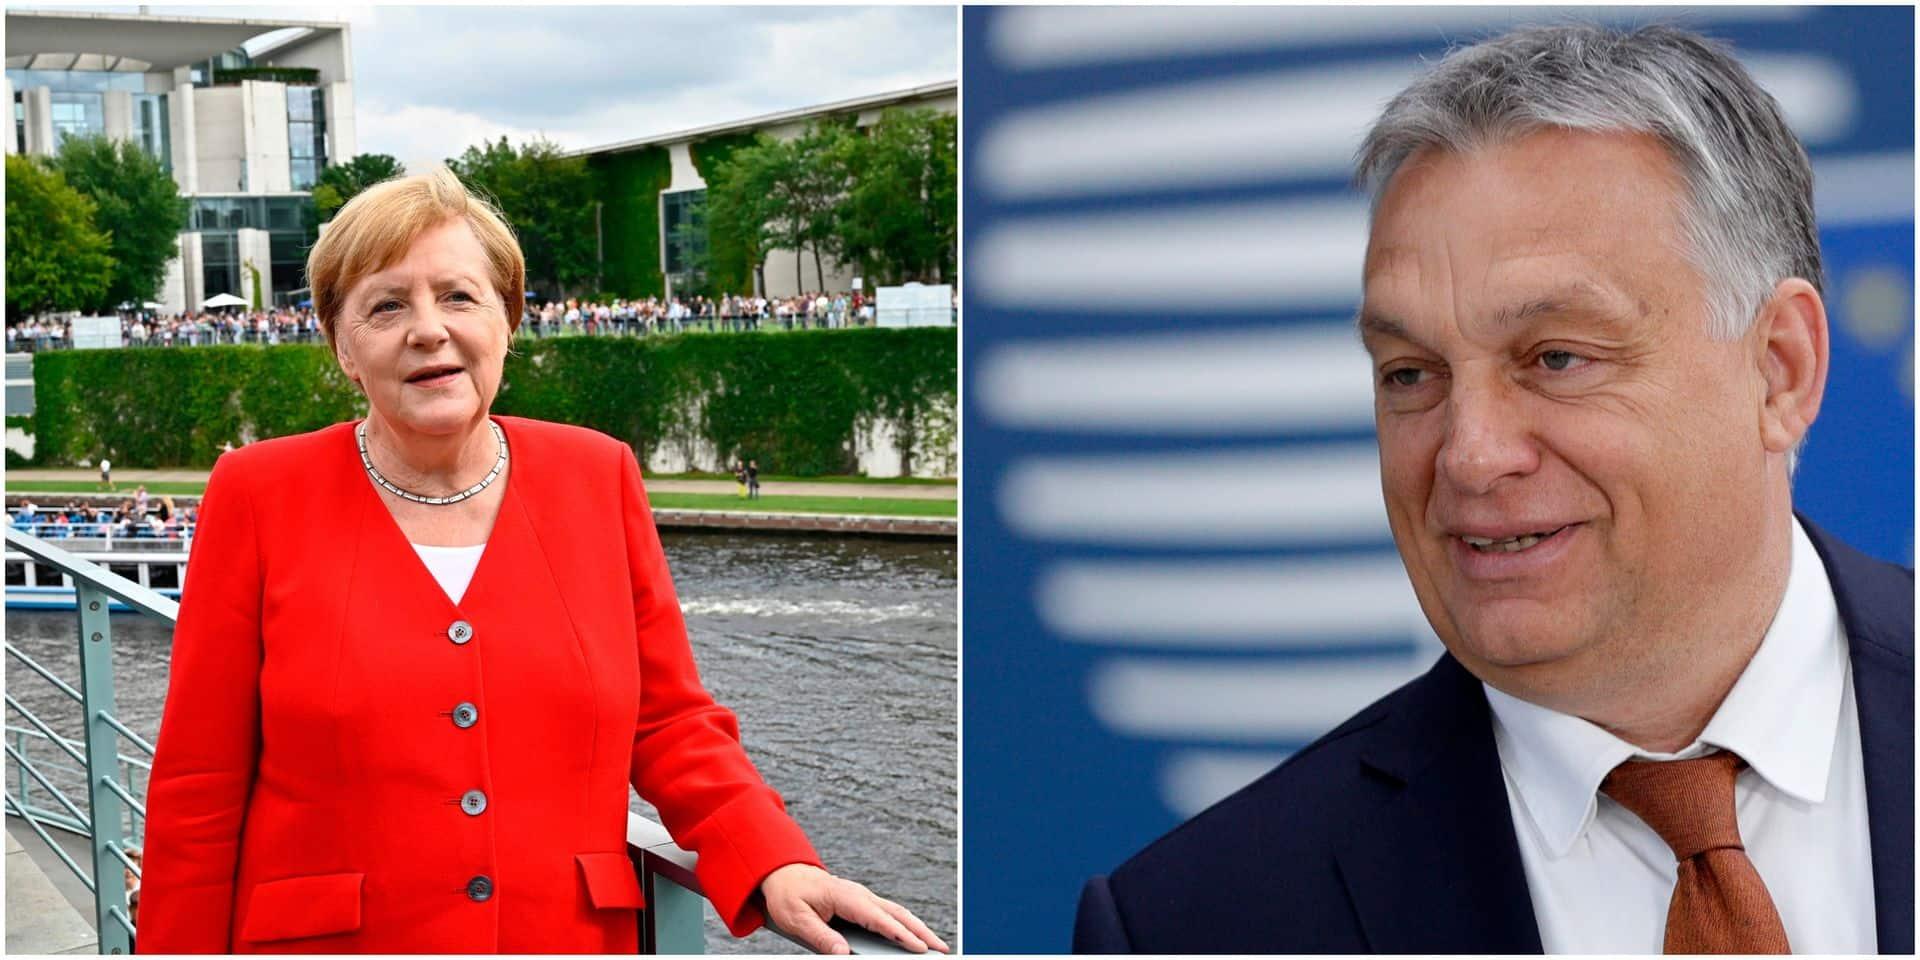 Merkel invitée d'Orban pour commémorer la fin du Rideau de fer